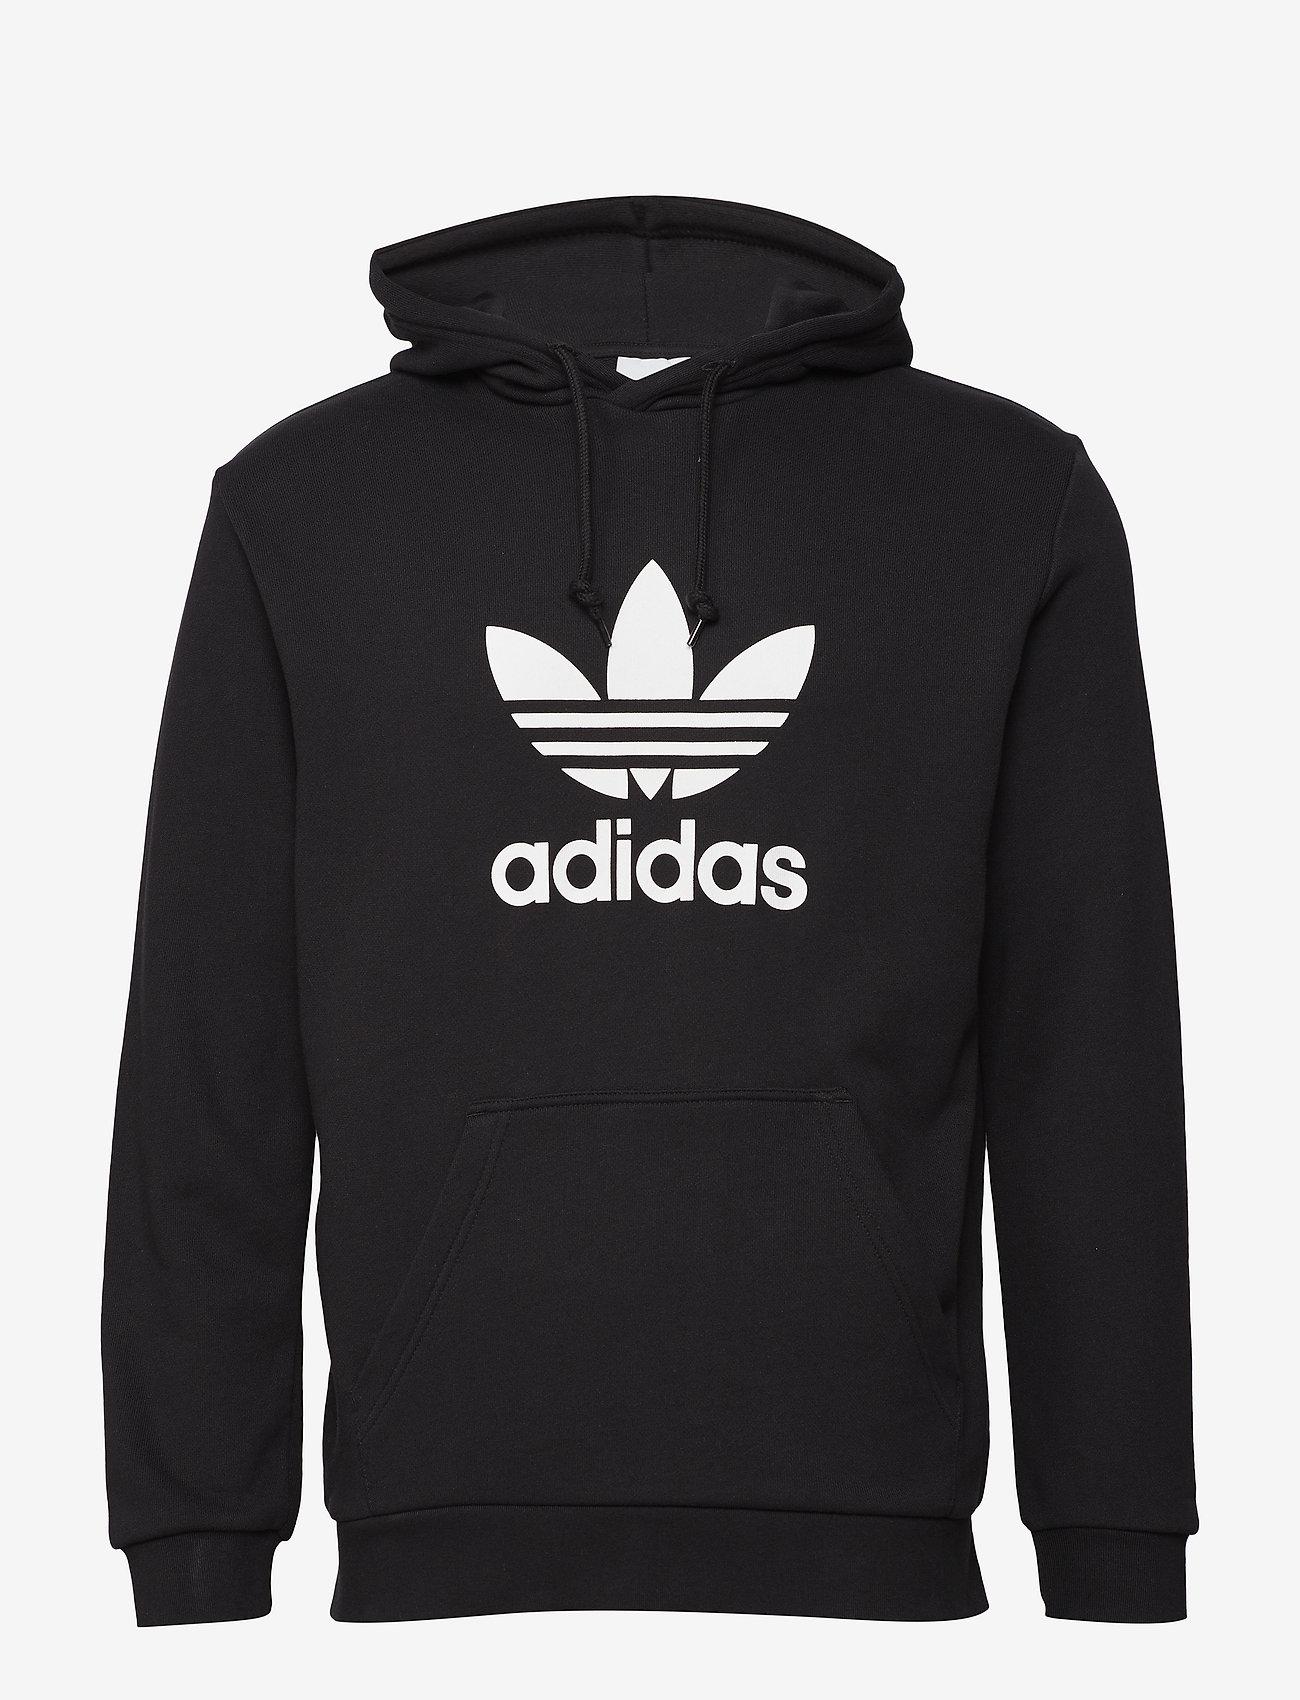 adidas Originals - TREFOIL HOODIE - pulls a capuche - black - 1